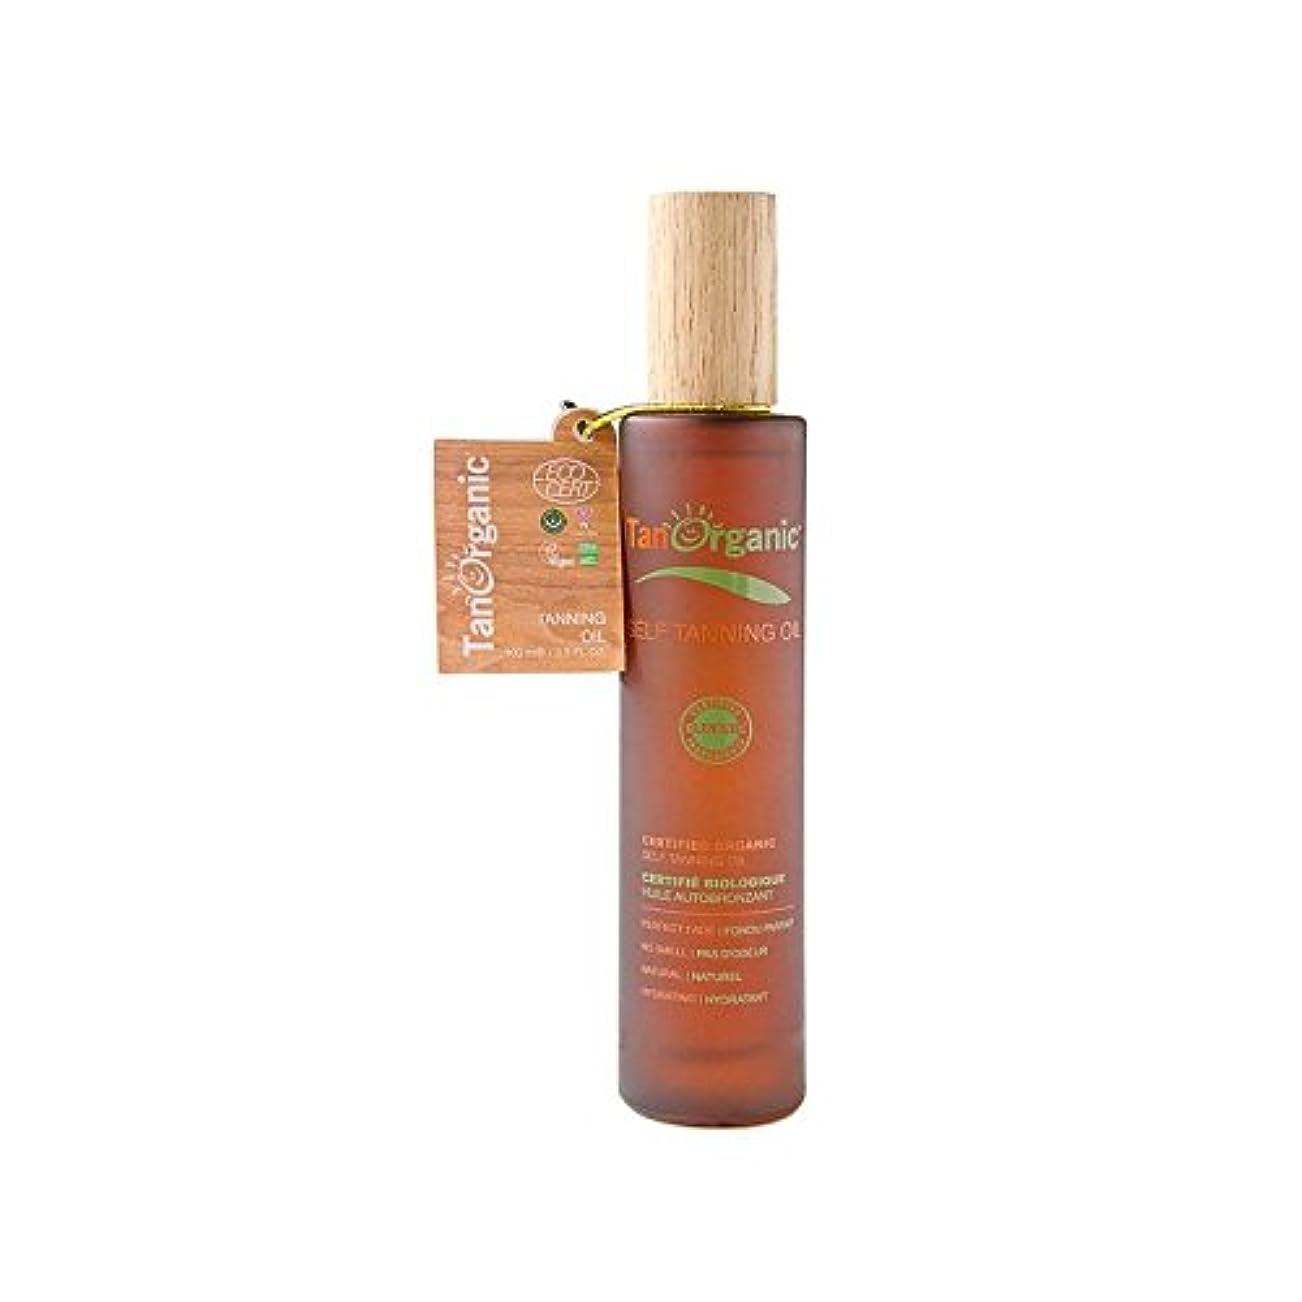 想像力豊かな結核ミシンTanorganic自己日焼け顔&ボディオイル (Tan Organic) (x 6) - TanOrganic Self-Tan Face & Body Oil (Pack of 6) [並行輸入品]